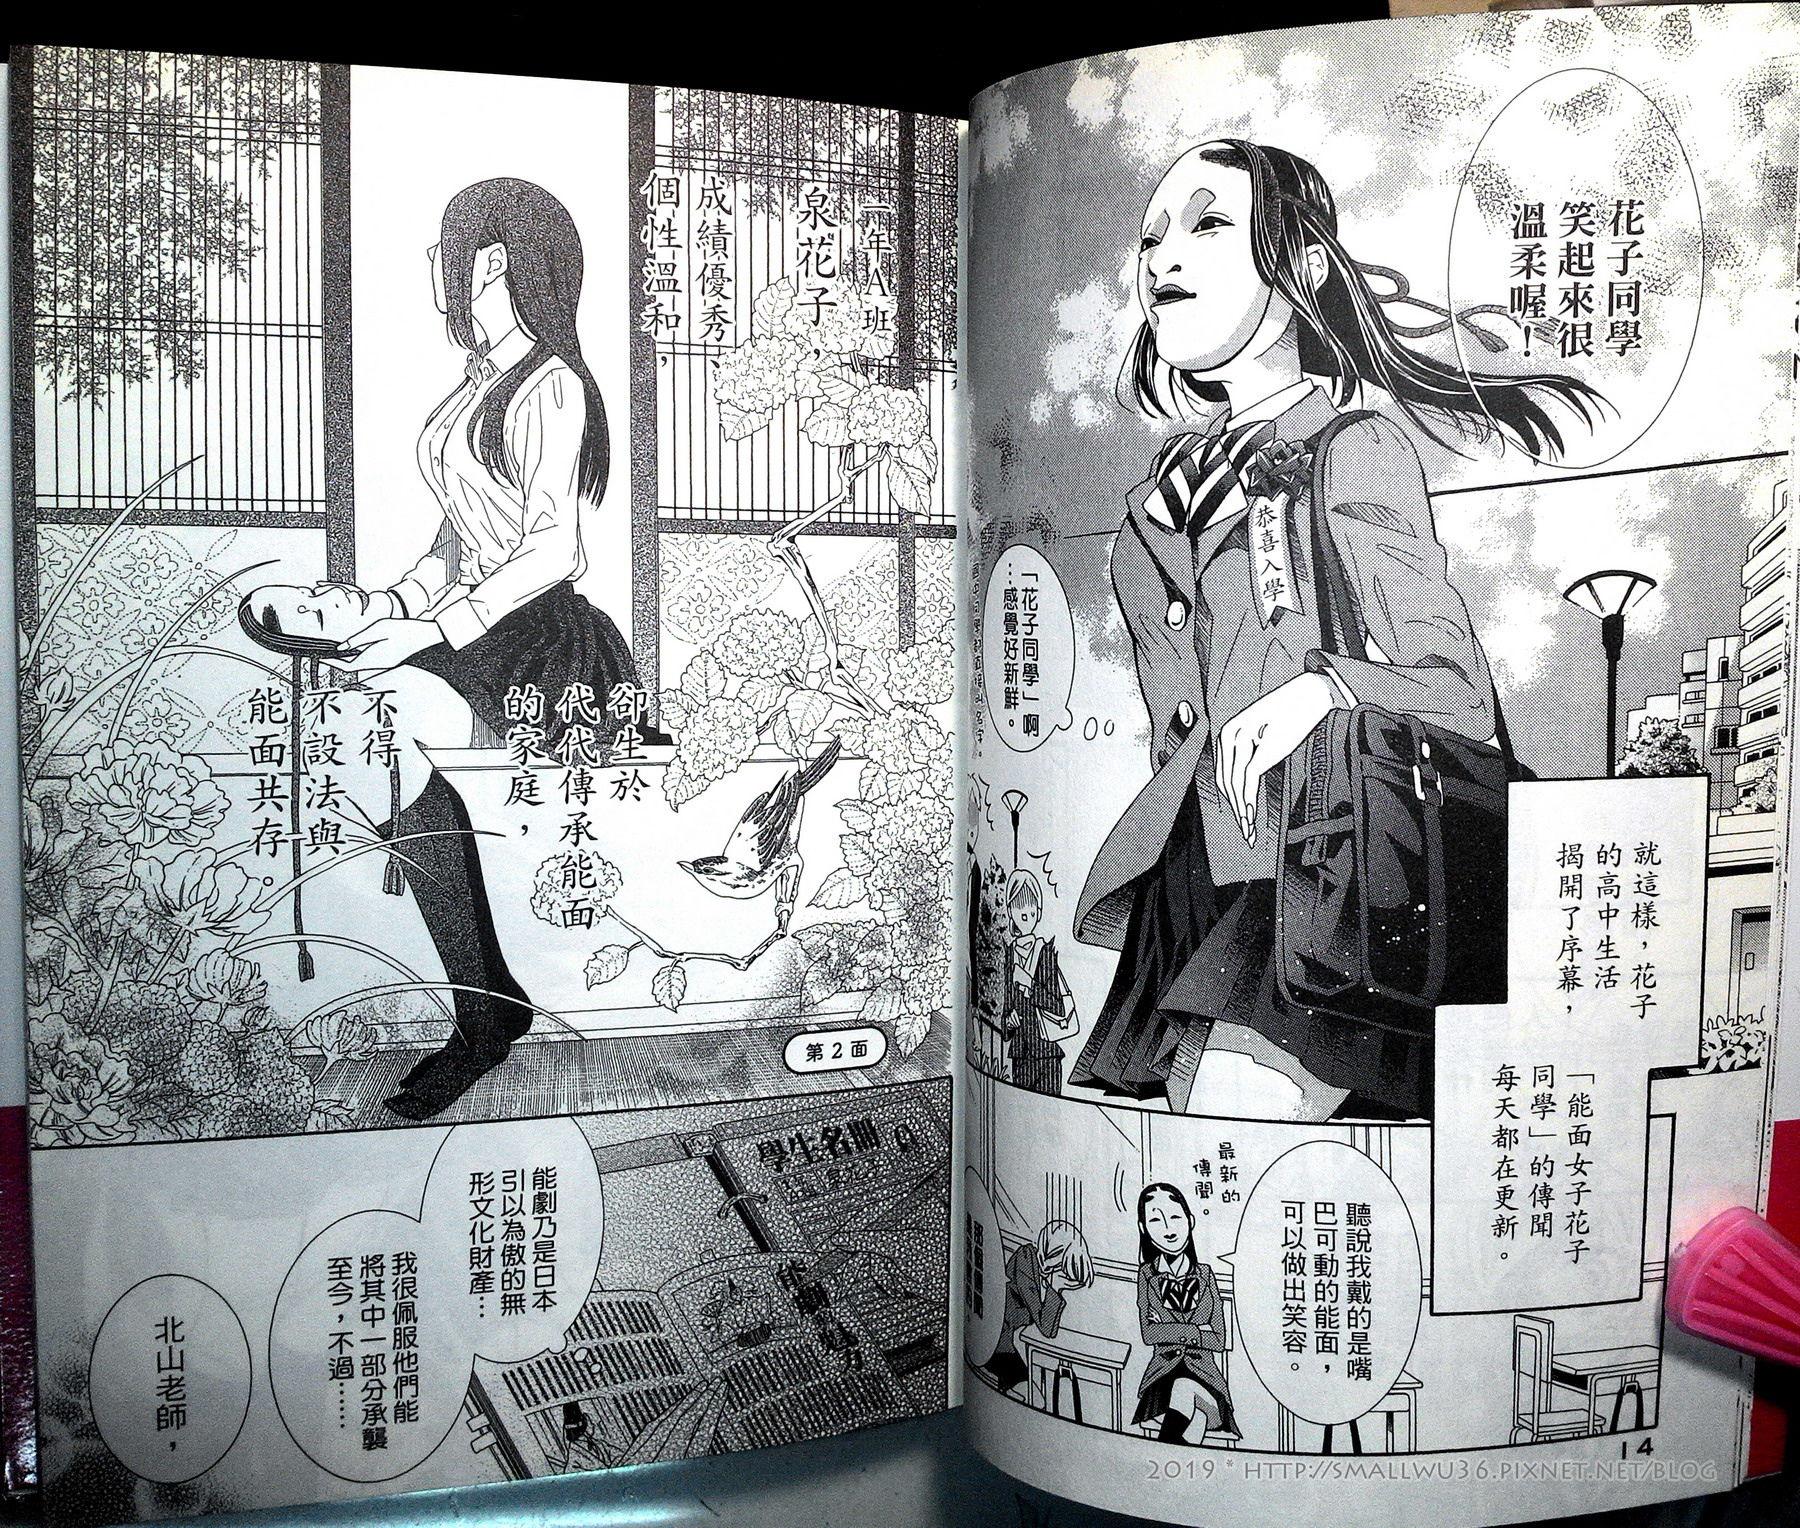 織田涼-能面女子花子同學 Vol_1-2.jpg